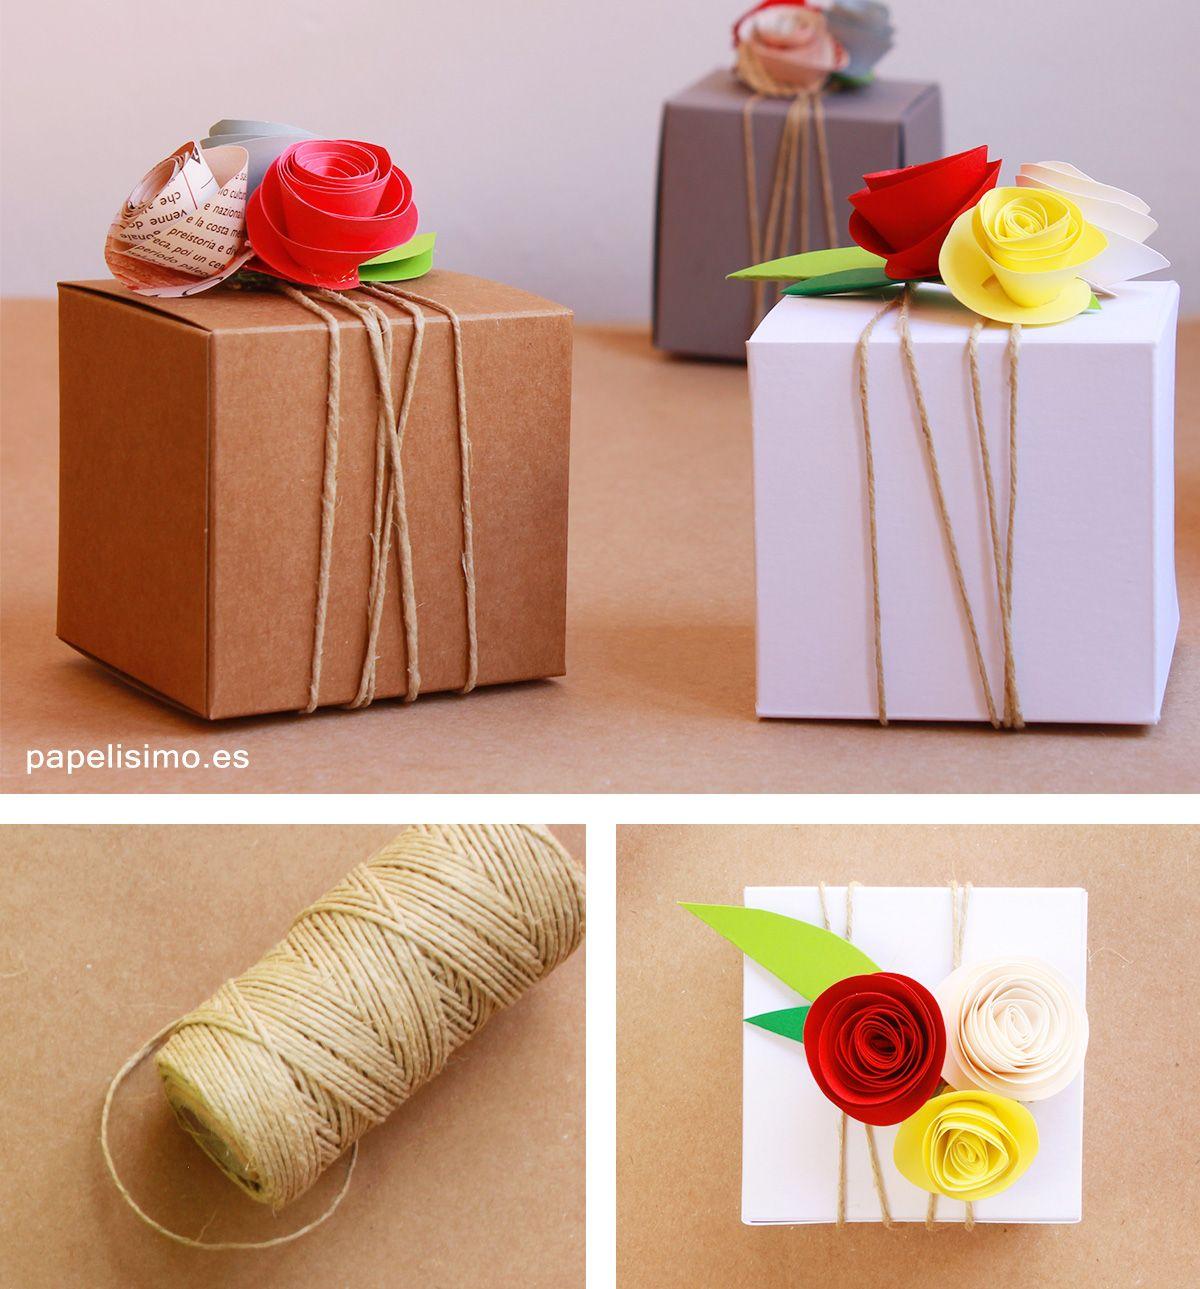 Envolver regalos originales con cuerda papelisimo for Envoltorios regalos originales